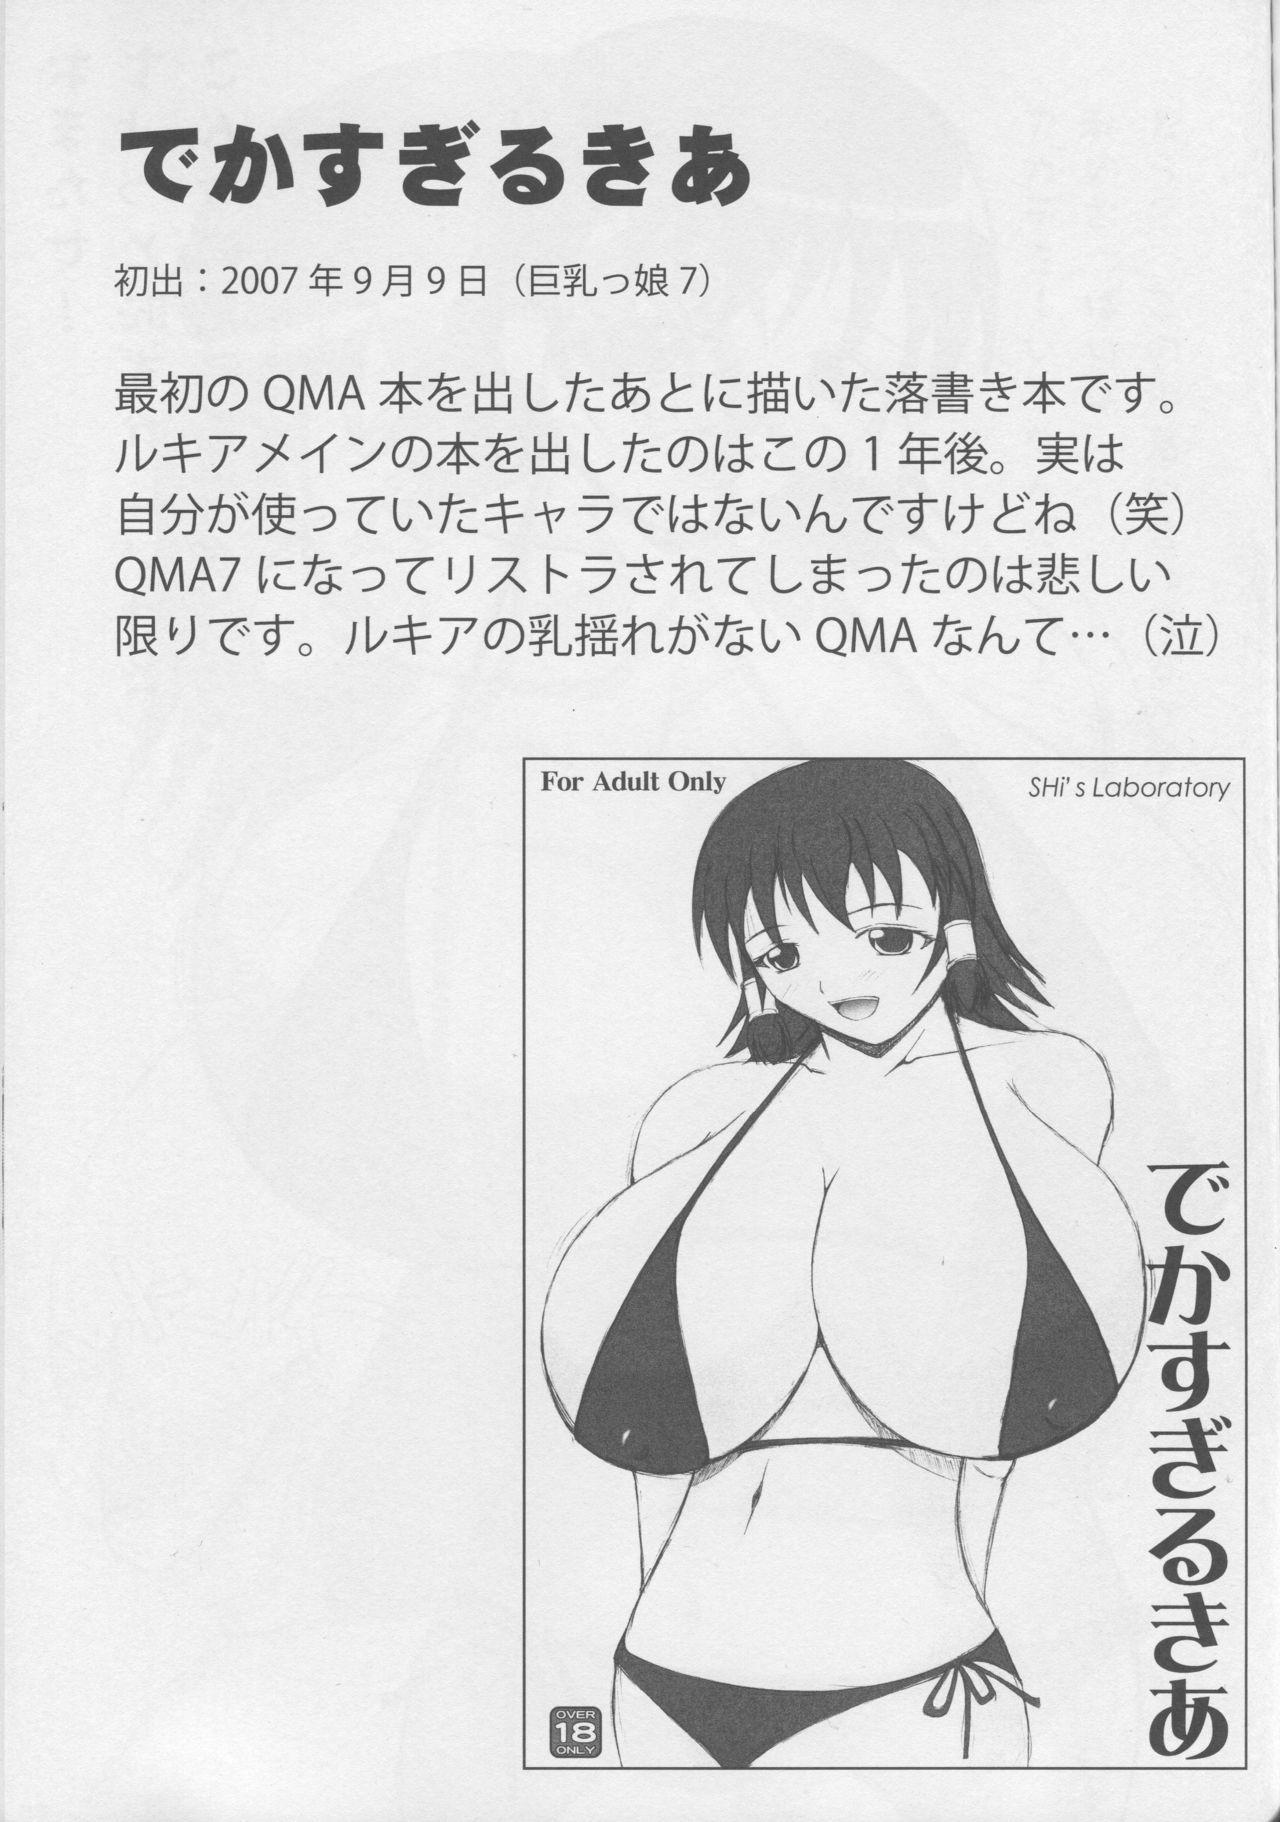 (Tora Matsuri 2010) [SHi's Laboratory (SHINGO)] PAI-Z-ReMix (Various) 31